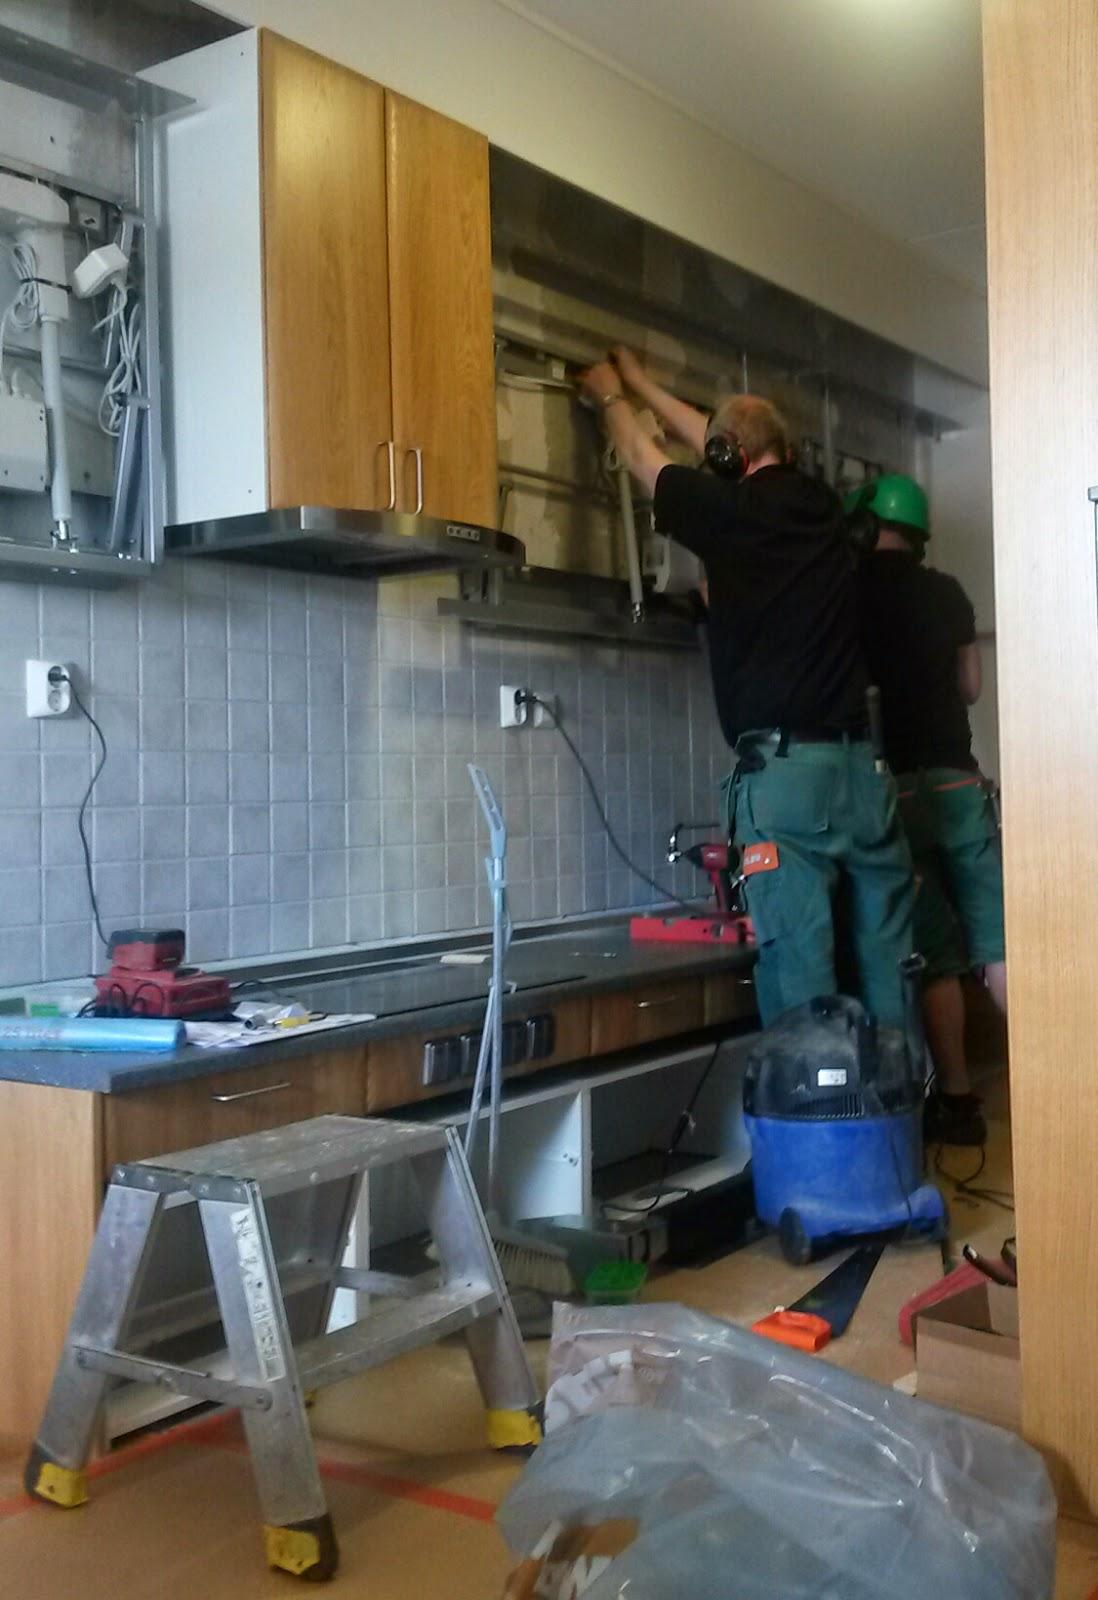 EN METER VARDAG: Renovering av 1,5 år gammalt kök...